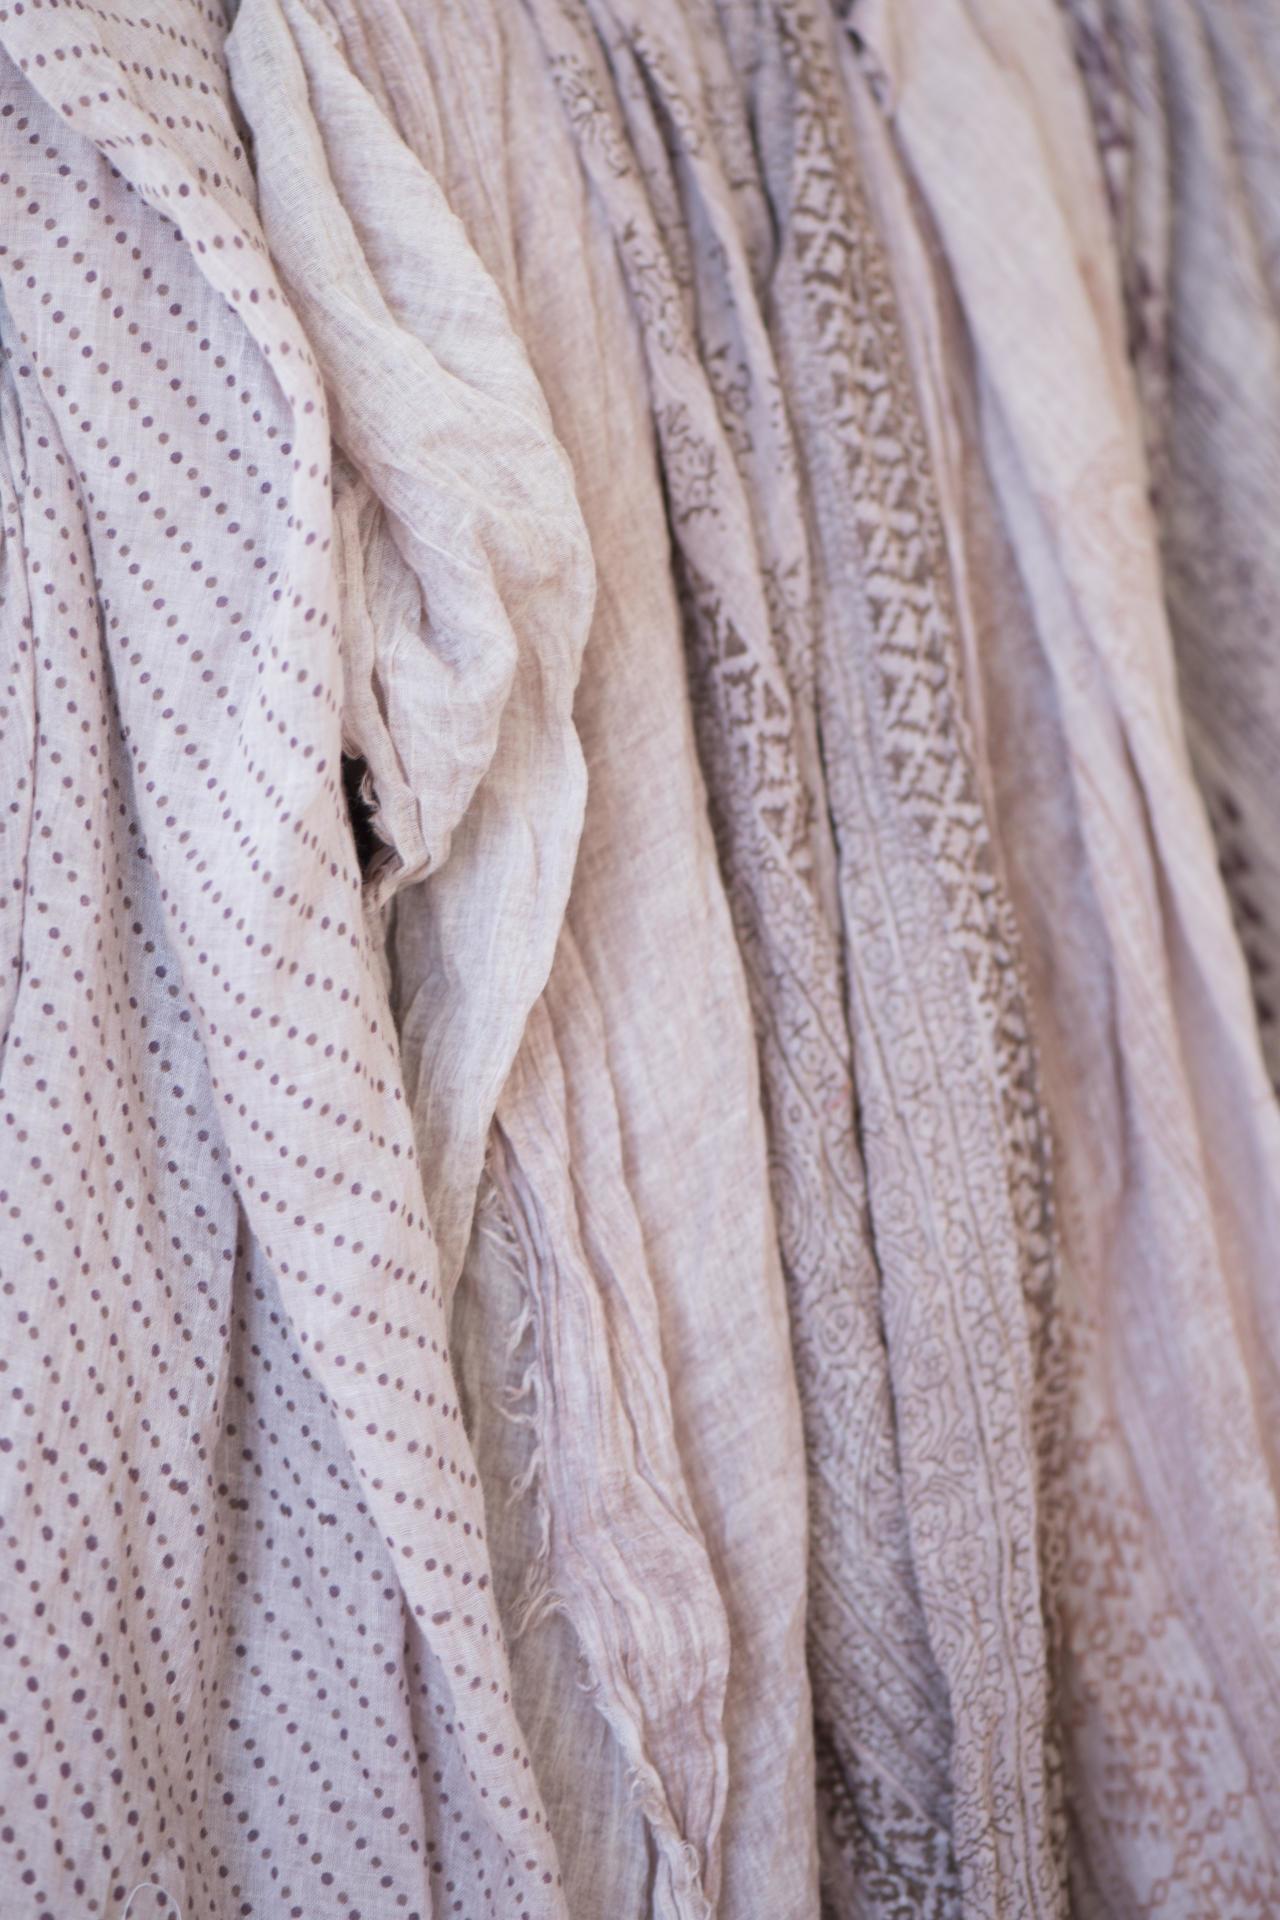 IB LAURSEN Dámský šátek Powder Typ A, růžová barva, textil